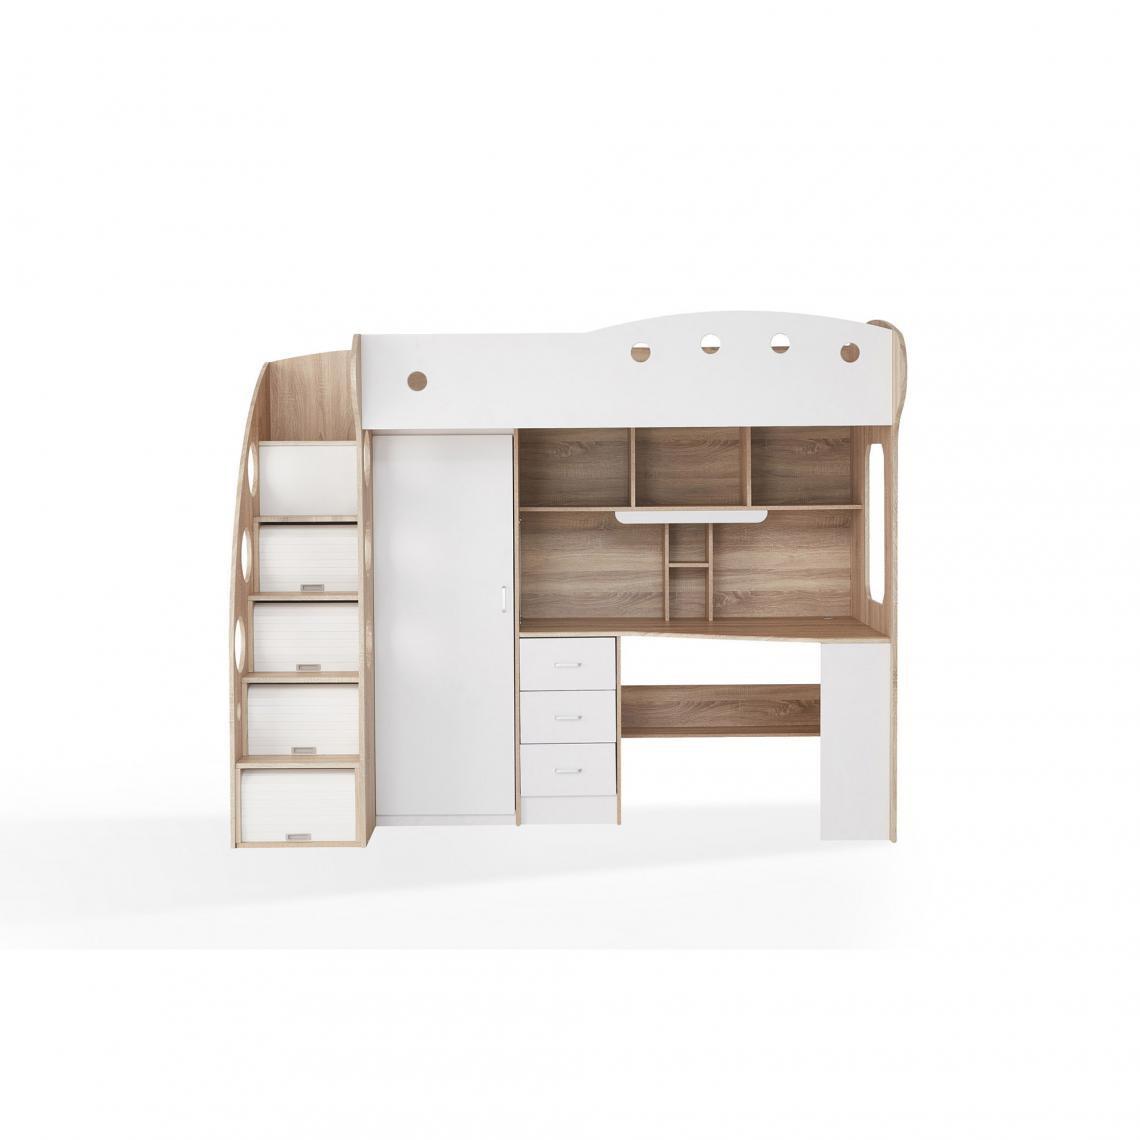 lit combine avec bureau et penderie integres vila blanc et bois